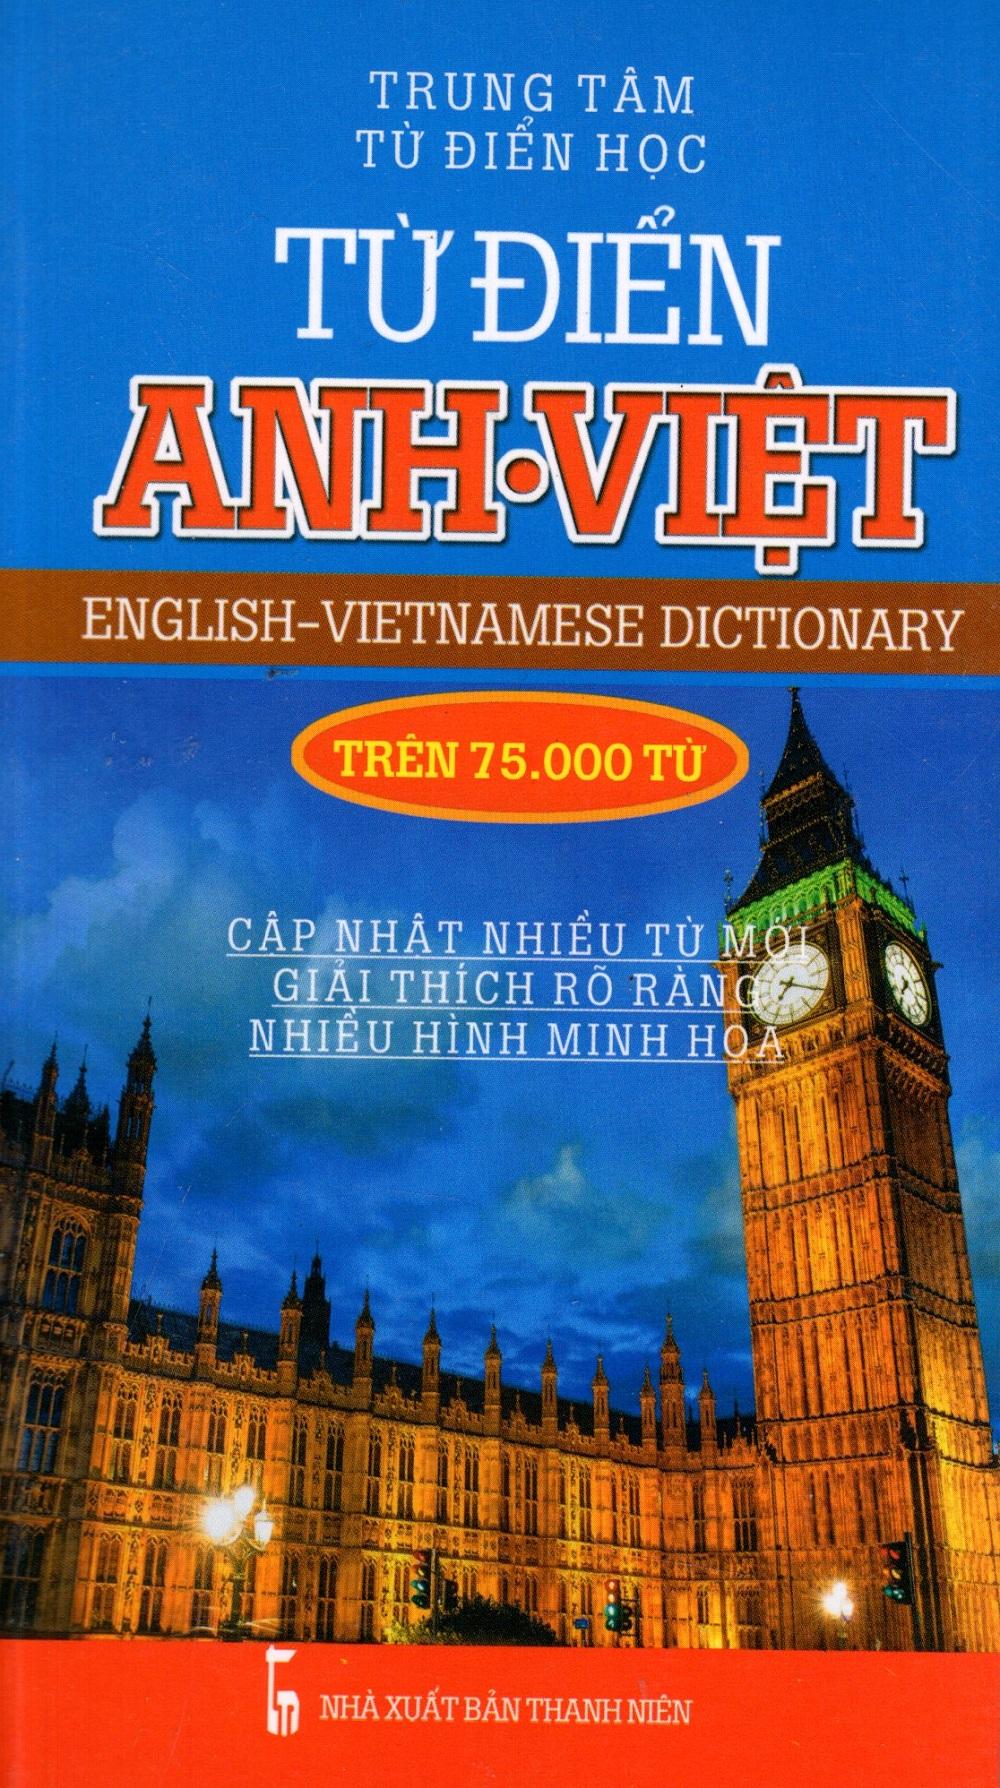 Từ Điển Anh - Việt (Trên 75.000 Từ)